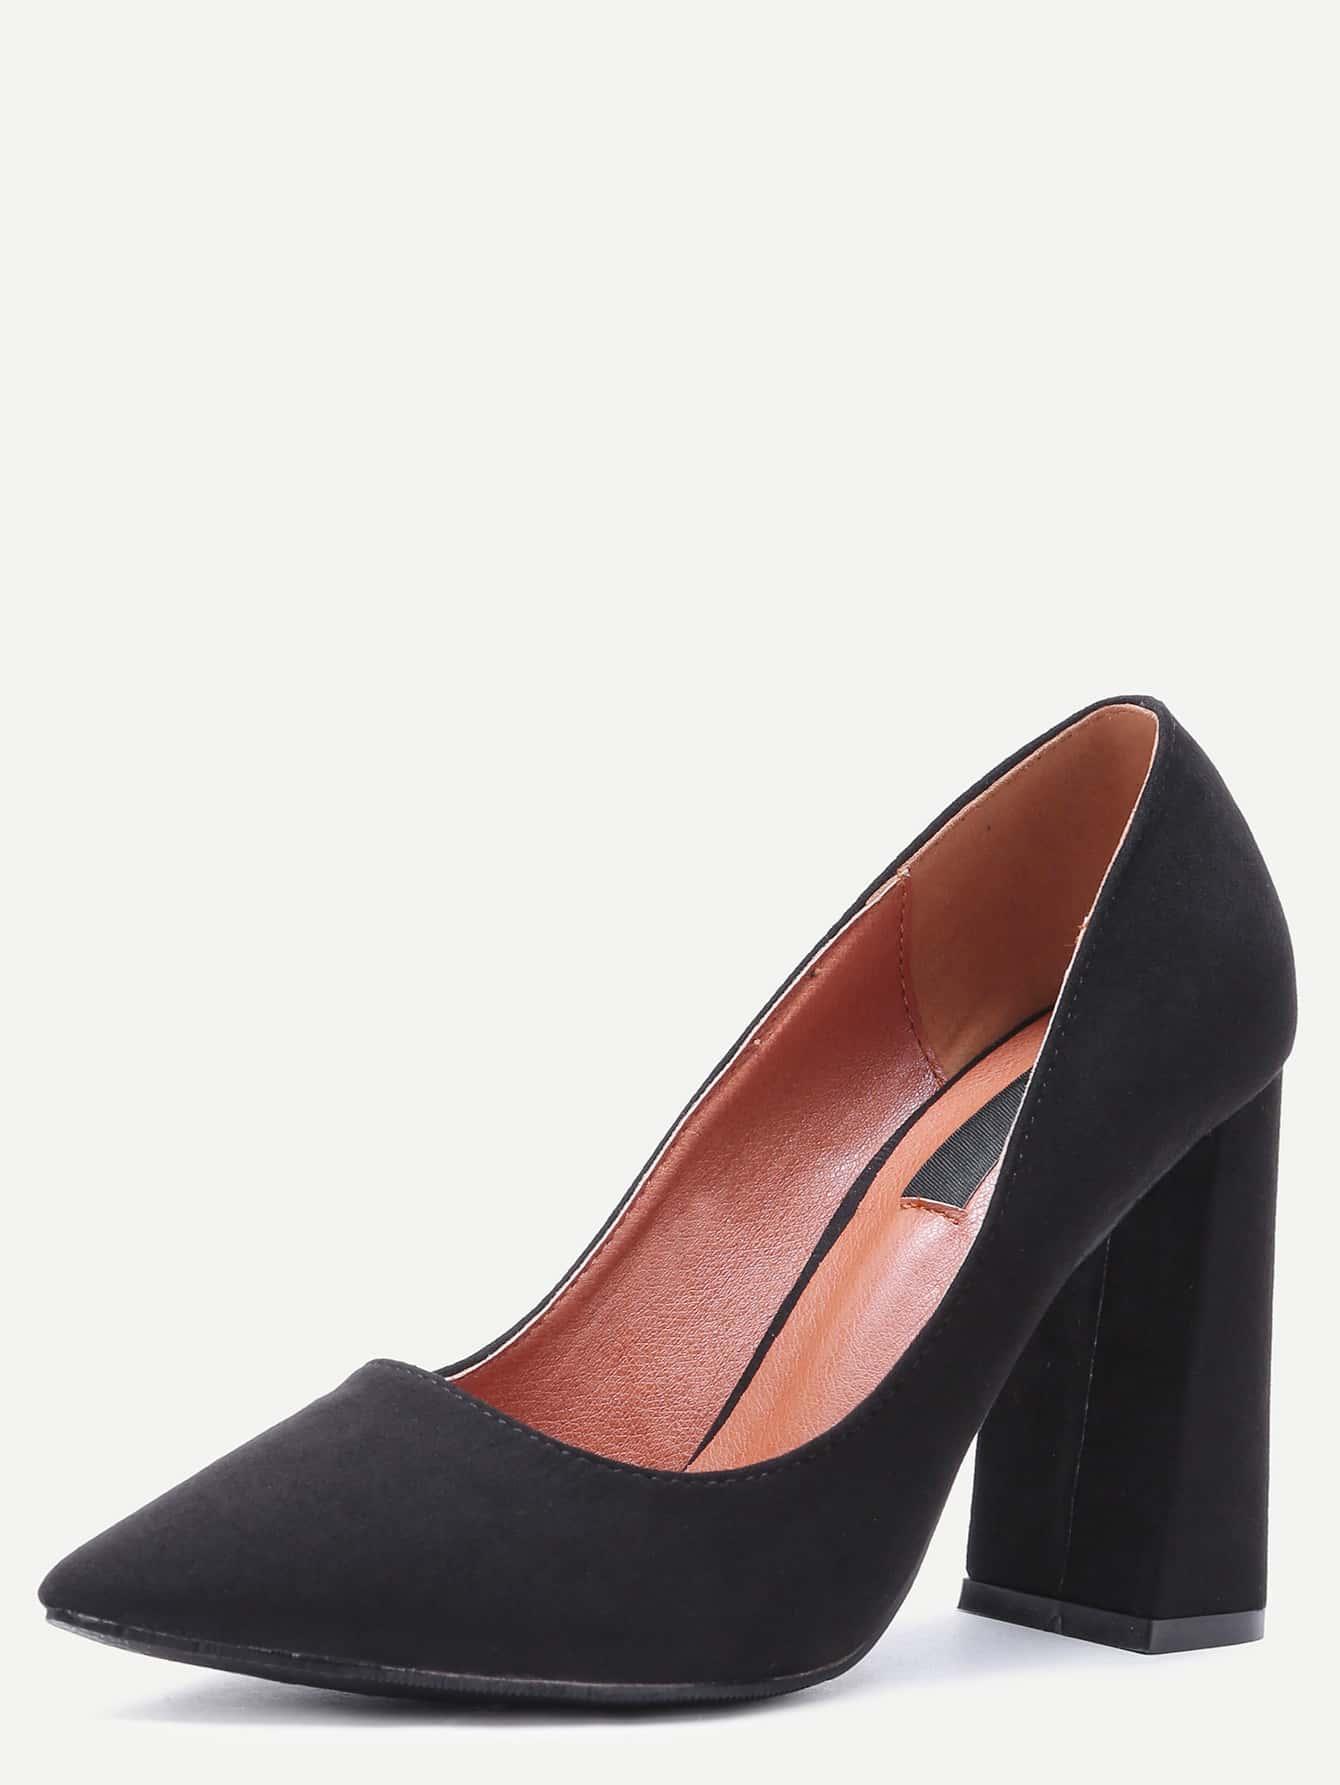 shoes161125801_2